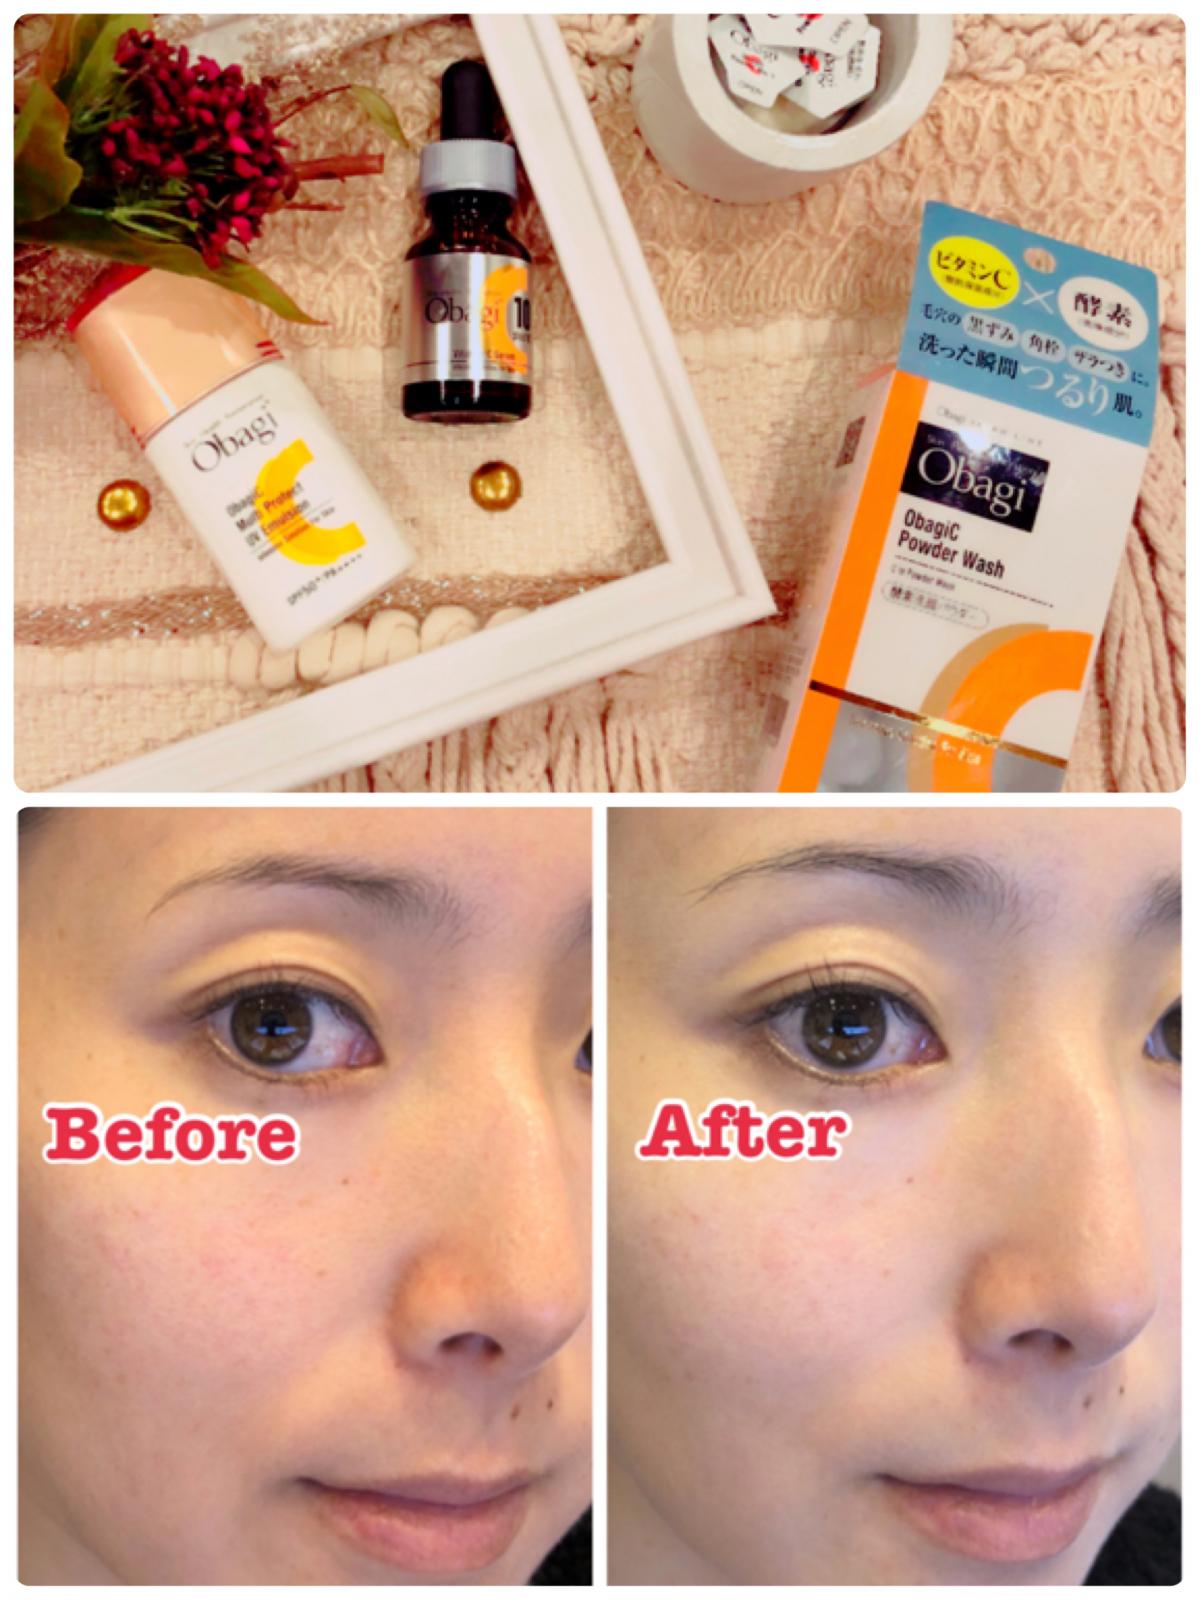 超おすすめ日焼け止め!シミも美肌も毛穴もケア!オバジC マルチプロテクト UV乳液の塗り方と肌の変化を公開